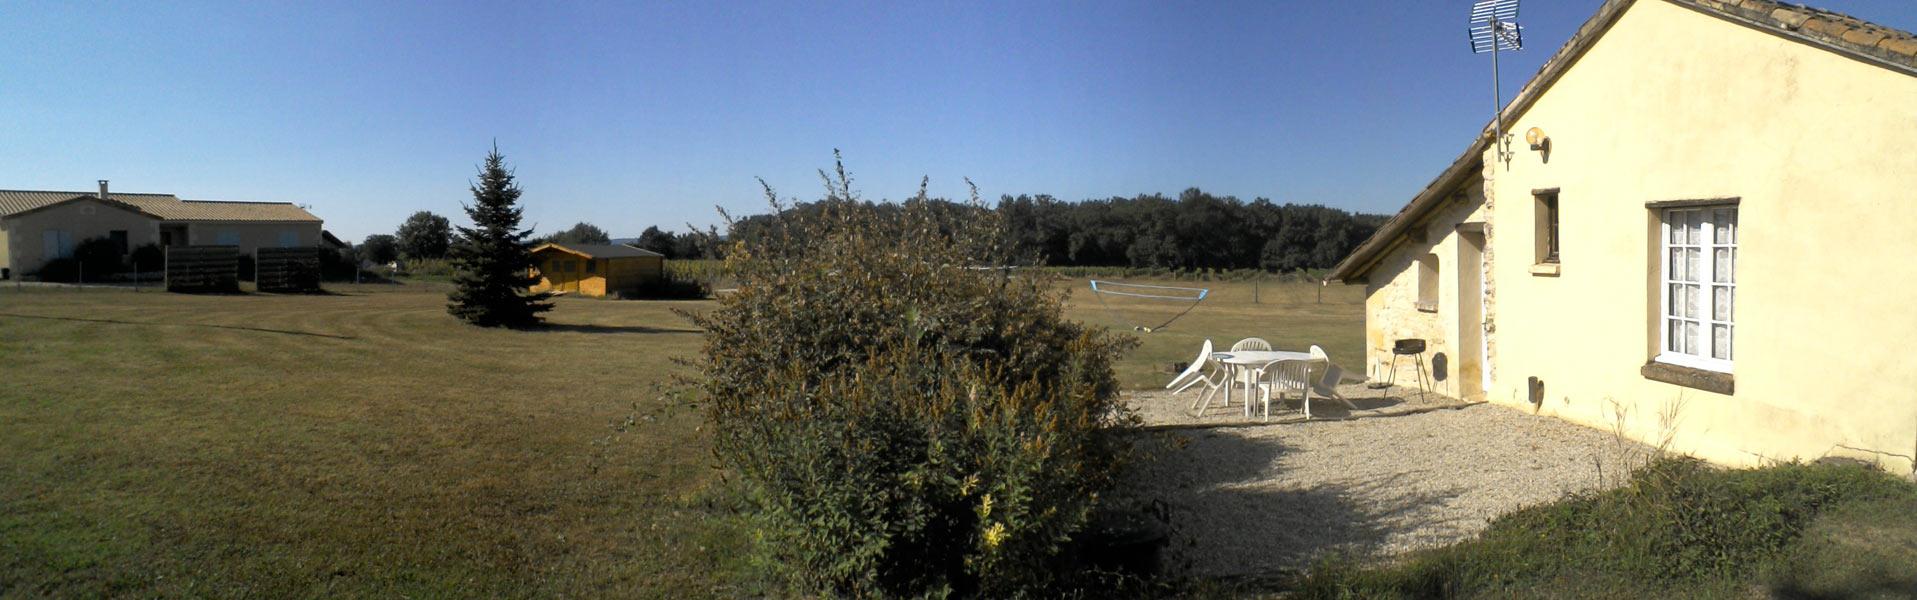 JP2_Panorama0